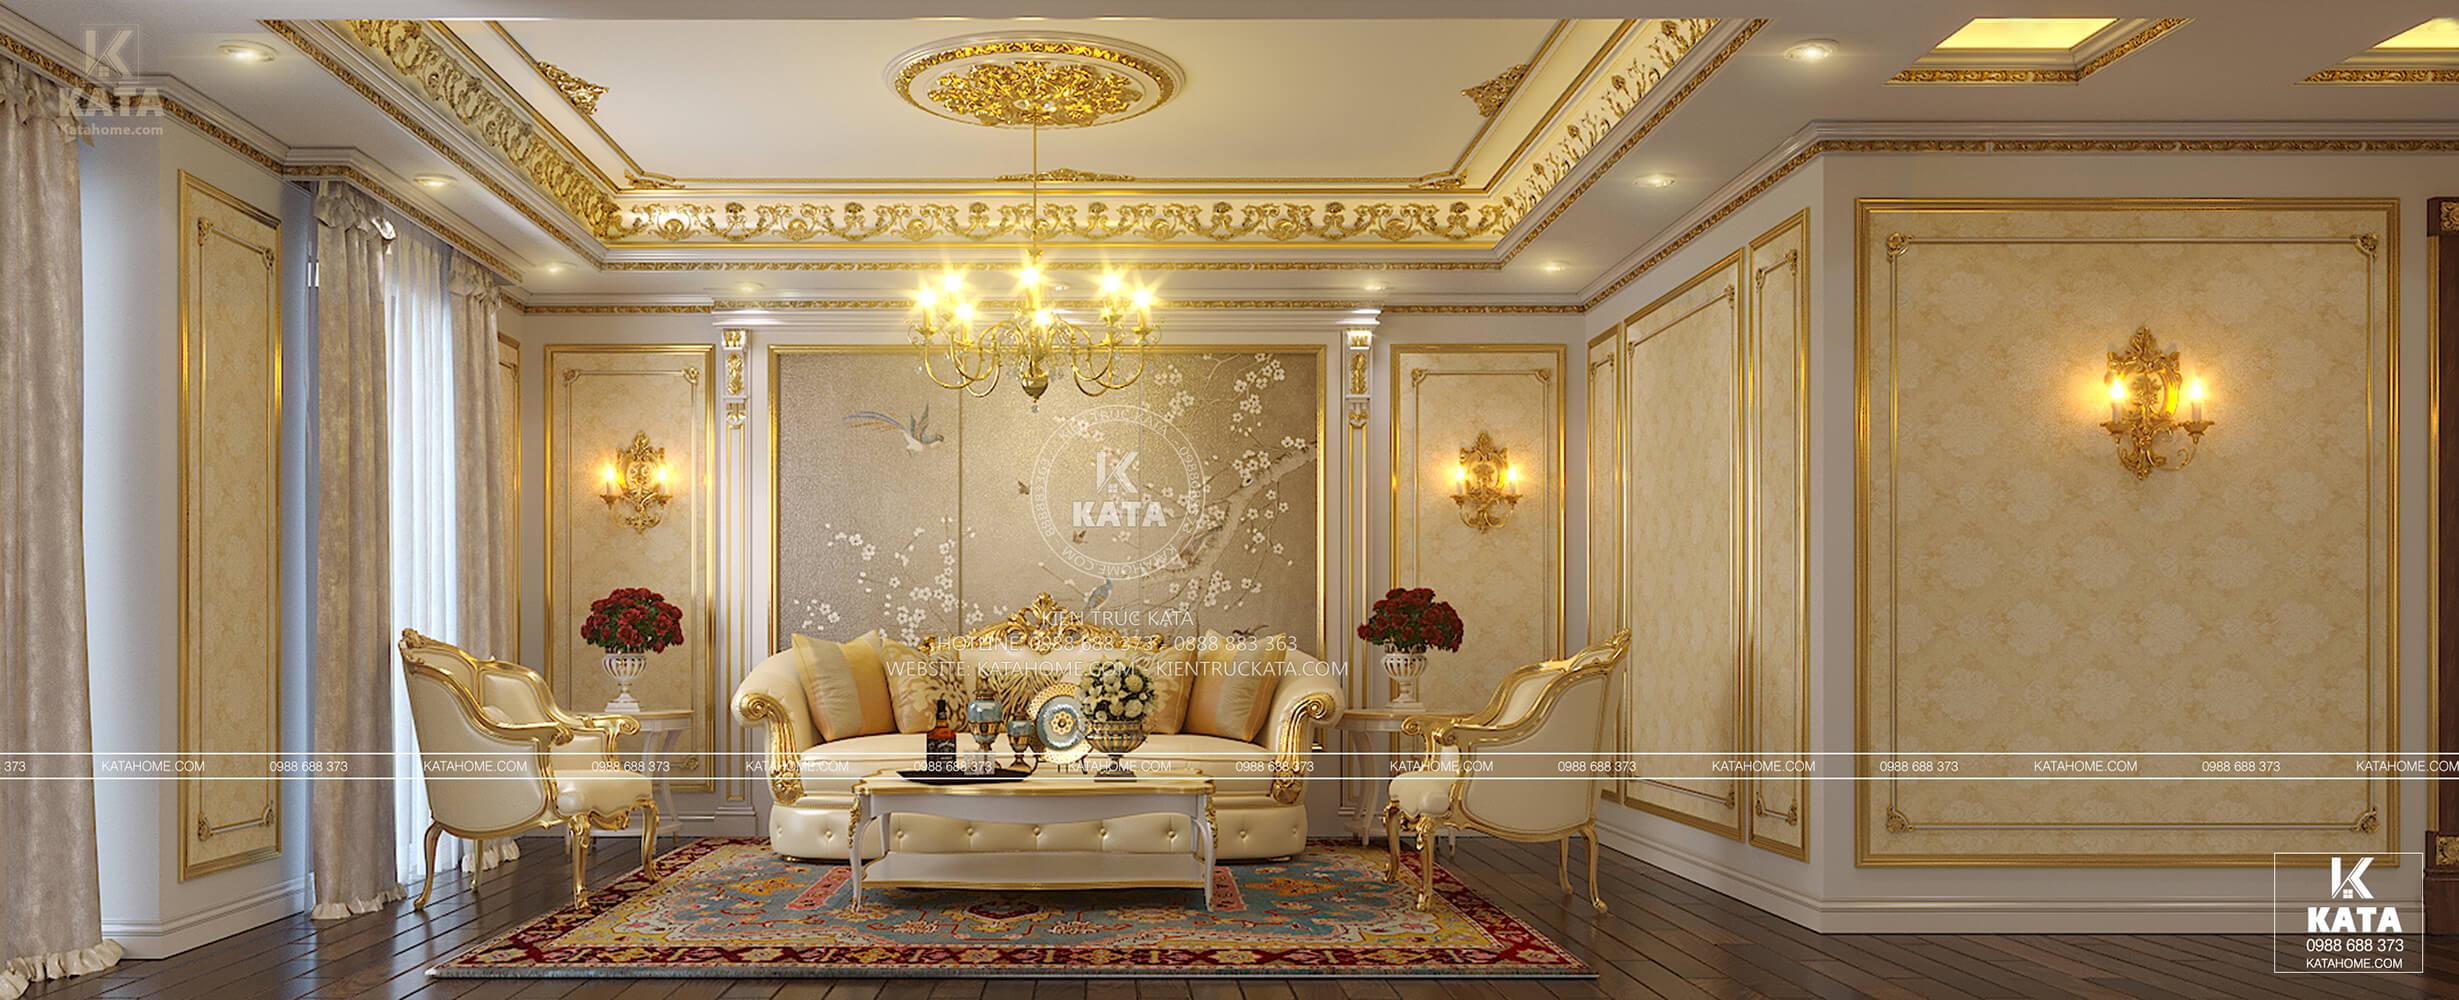 Thiết kế nội thất tân cổ điển lộng lẫy với hệ thống đèn vàng sang trọng